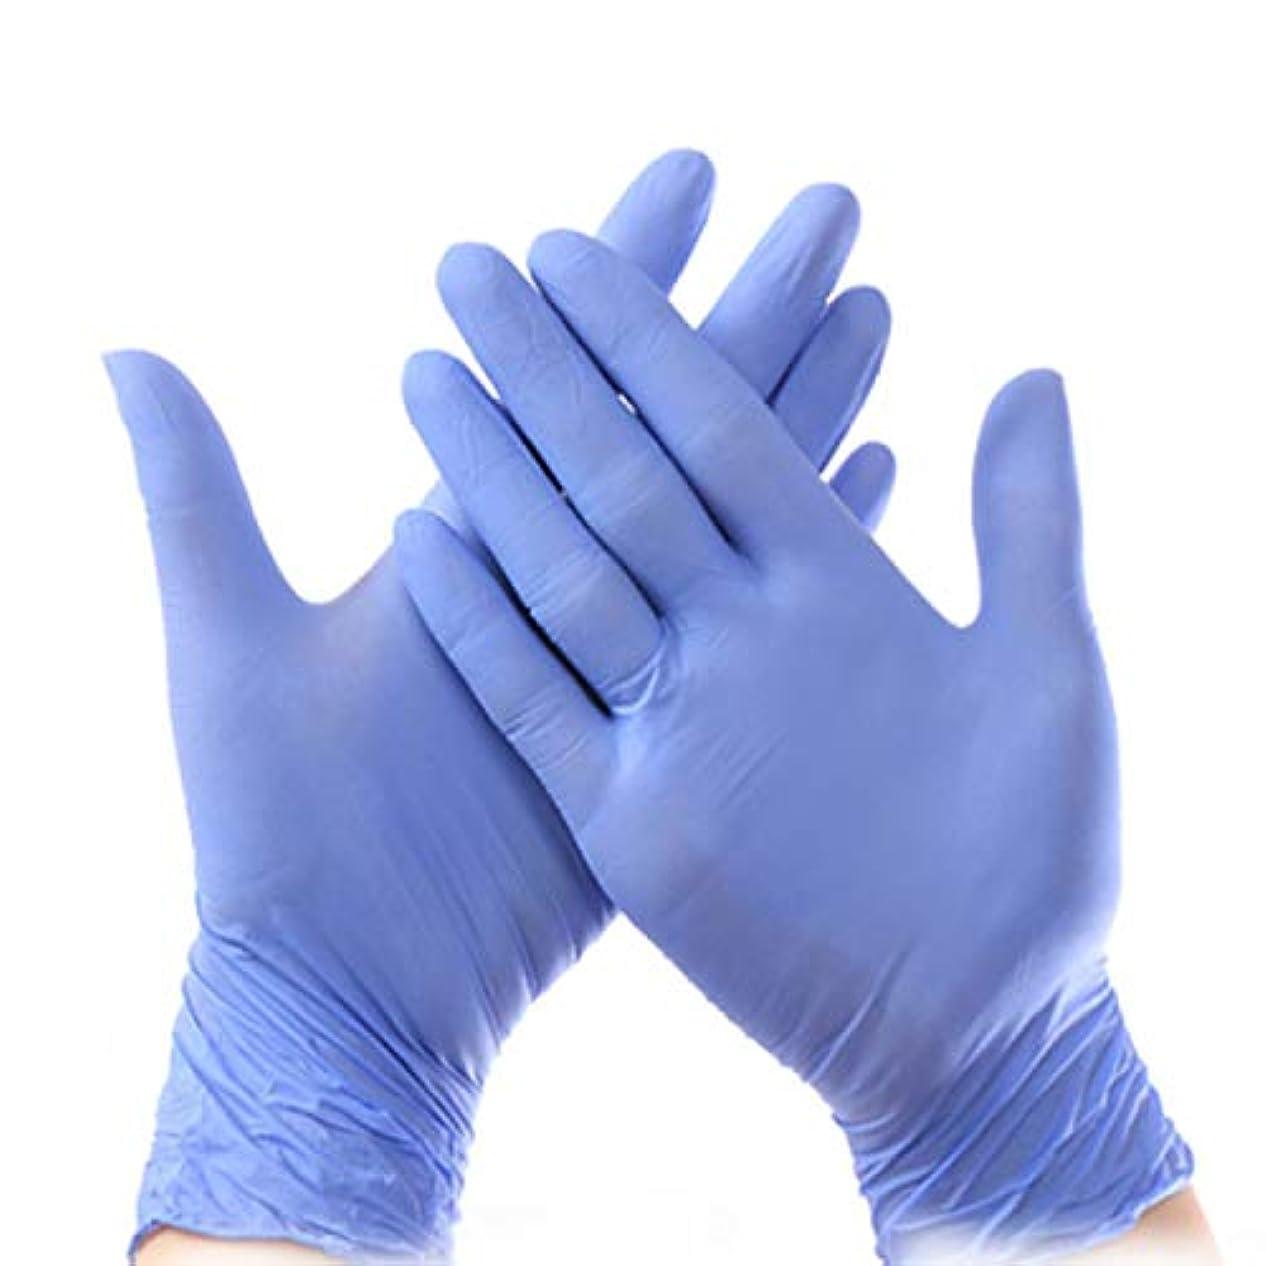 拮抗療法ナビゲーション使い捨て手袋 ニトリル工業用手袋、パウダーフリー、使い捨て食品安全、パープル、ラテックスフリー、100個入り ニトリルゴム手袋 (Color : Purple, Size : S)